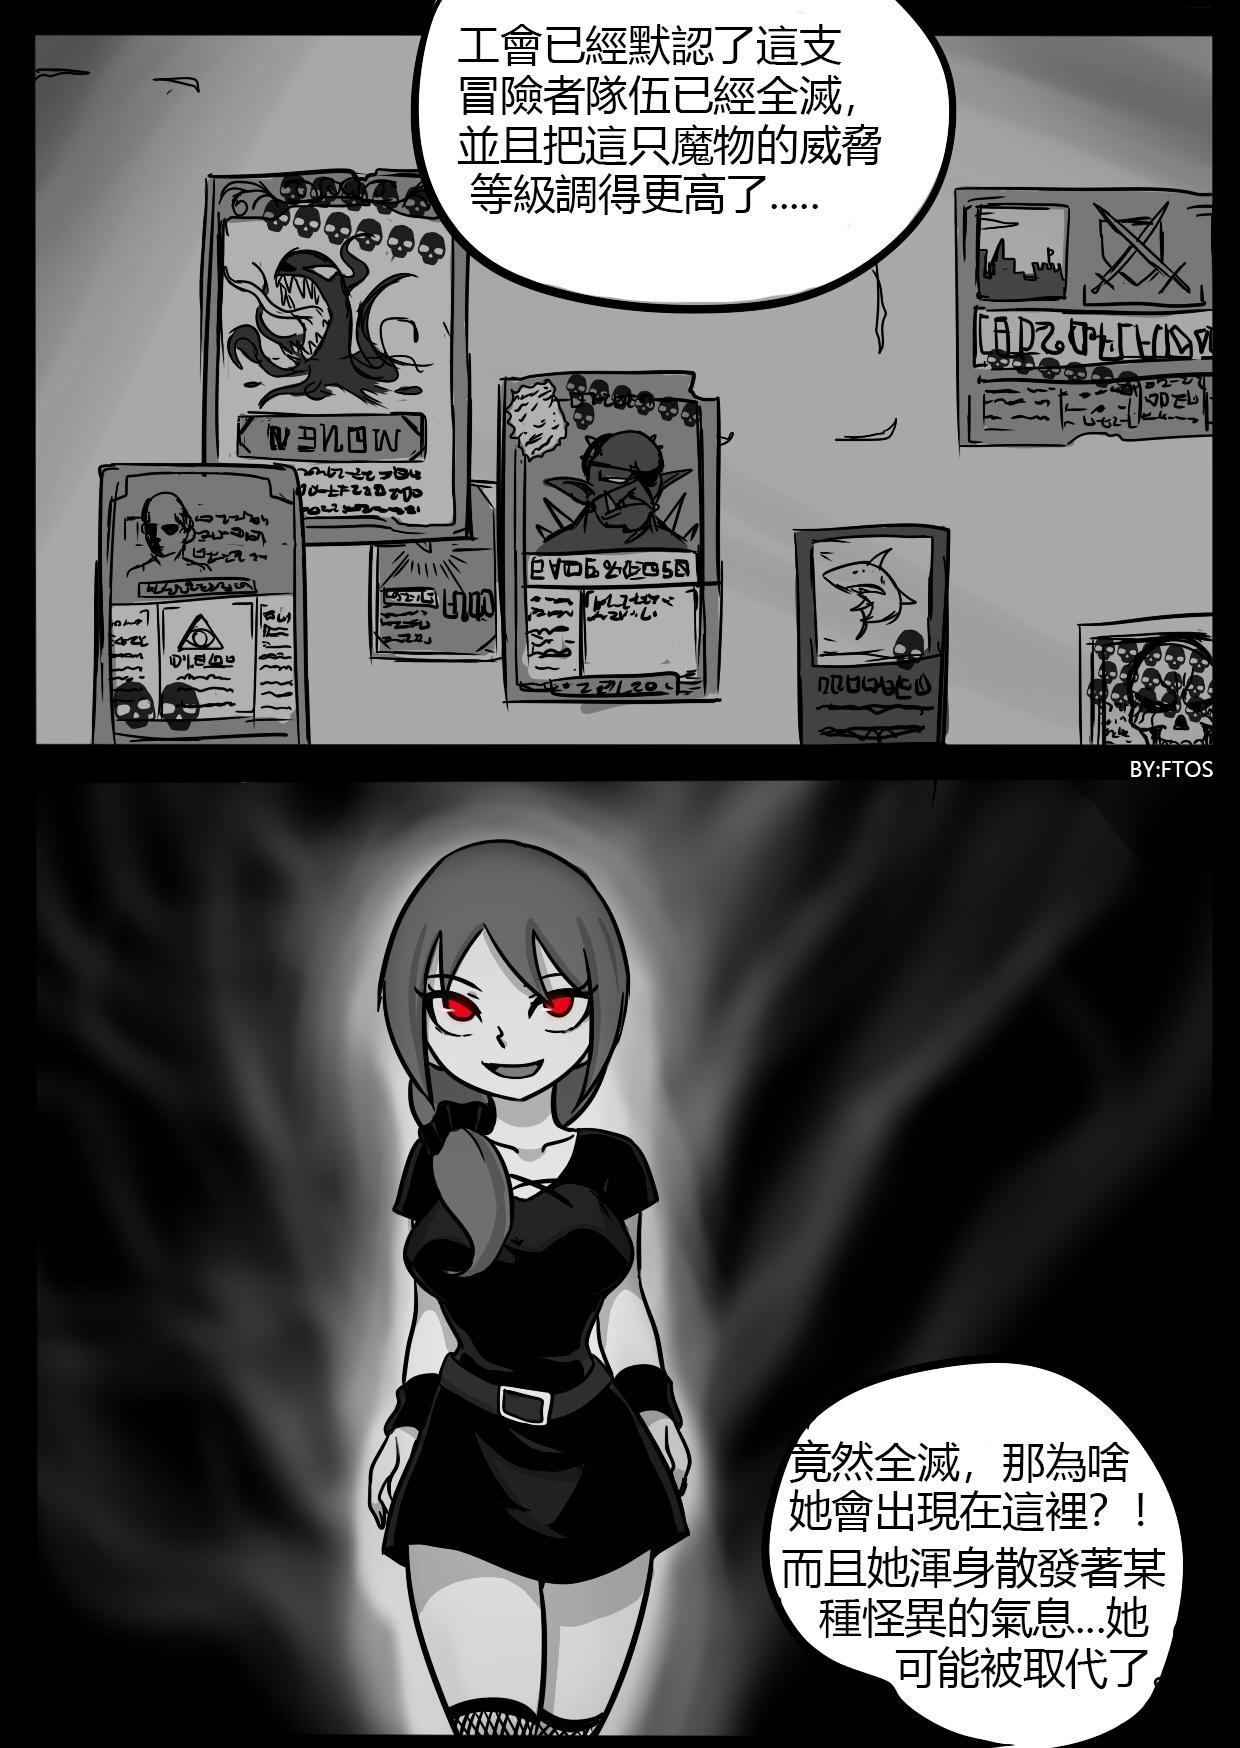 SHE VENOM【PIXIV】BY:BLACKFTOS 8